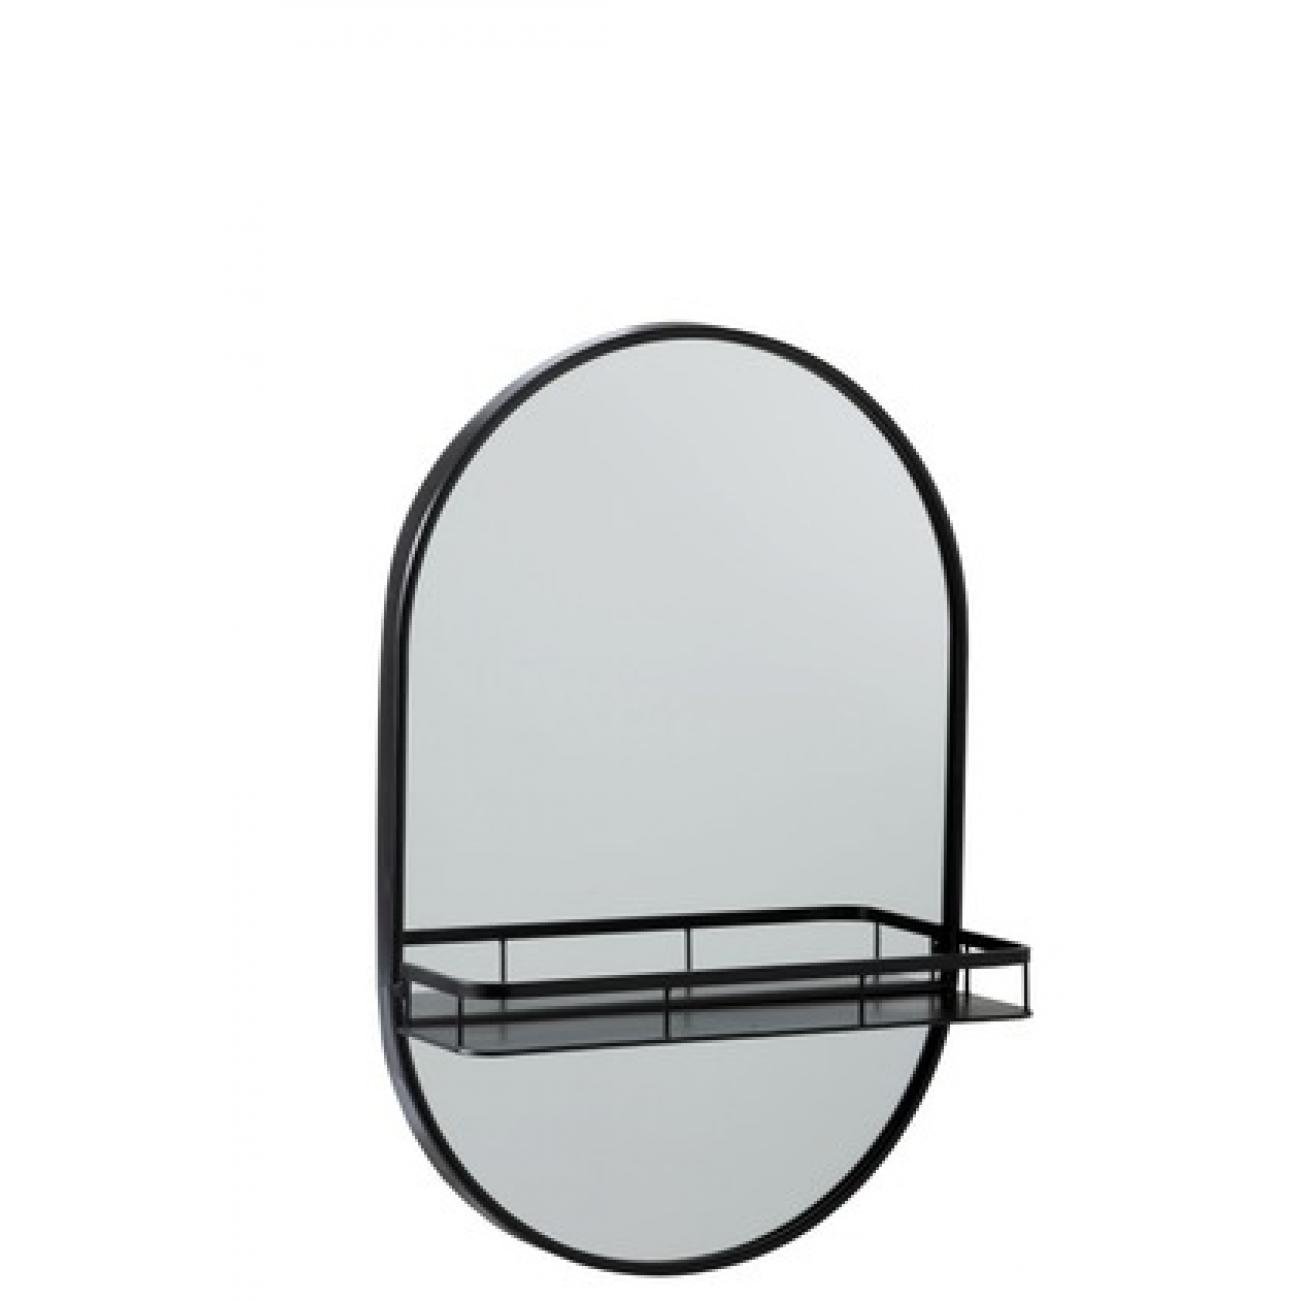 Зеркало J-LINE овальное настенное в металлической раме с полкой черное 40х60 см Бельгия